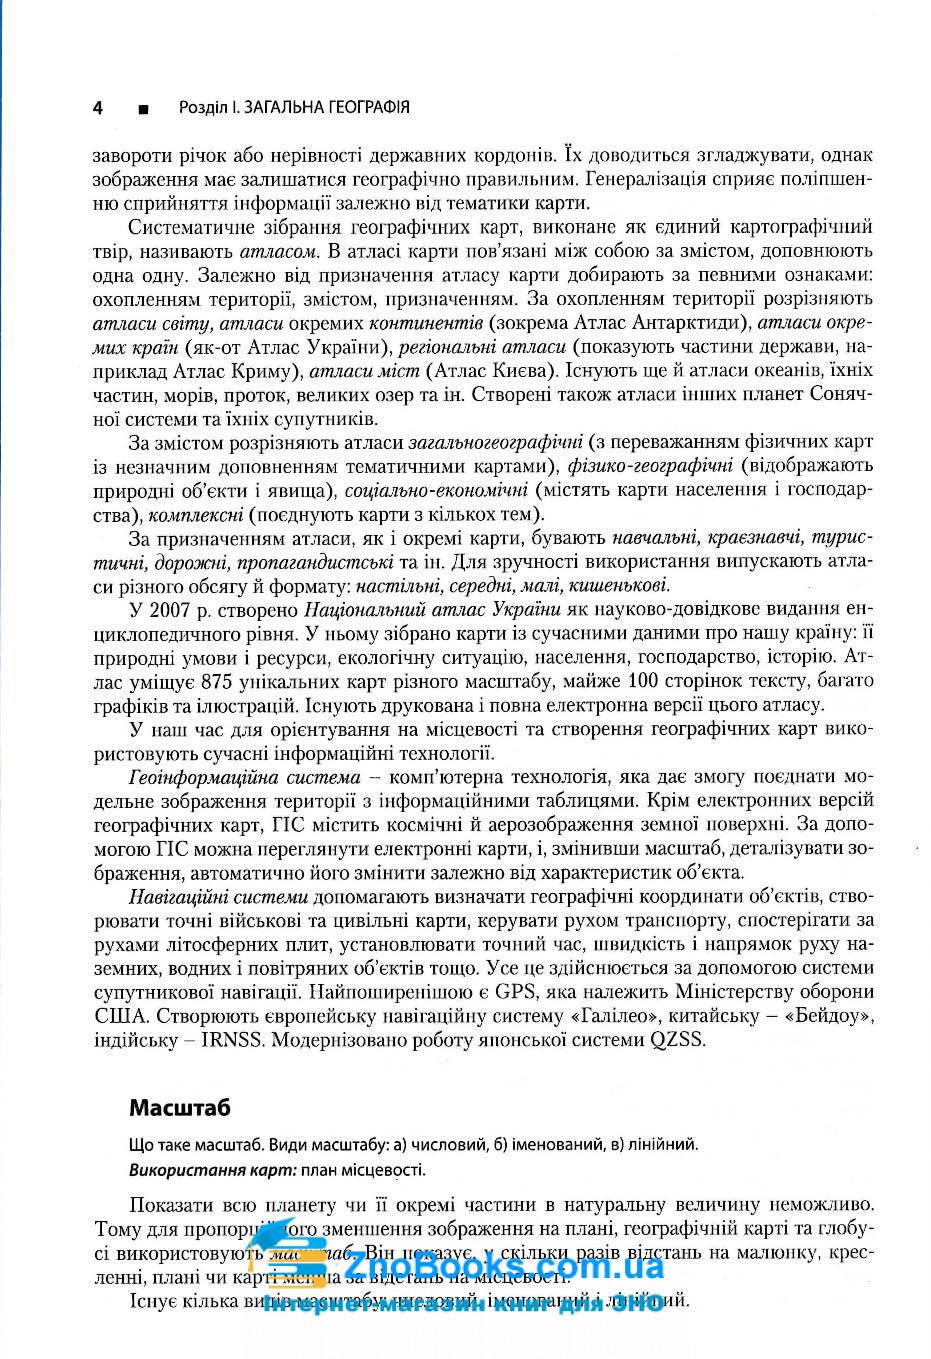 Географія. Довідник для абітурієнтів та школярів /НОВИЙ/ : Кобернік С., Коваленко Р.  Літера 4